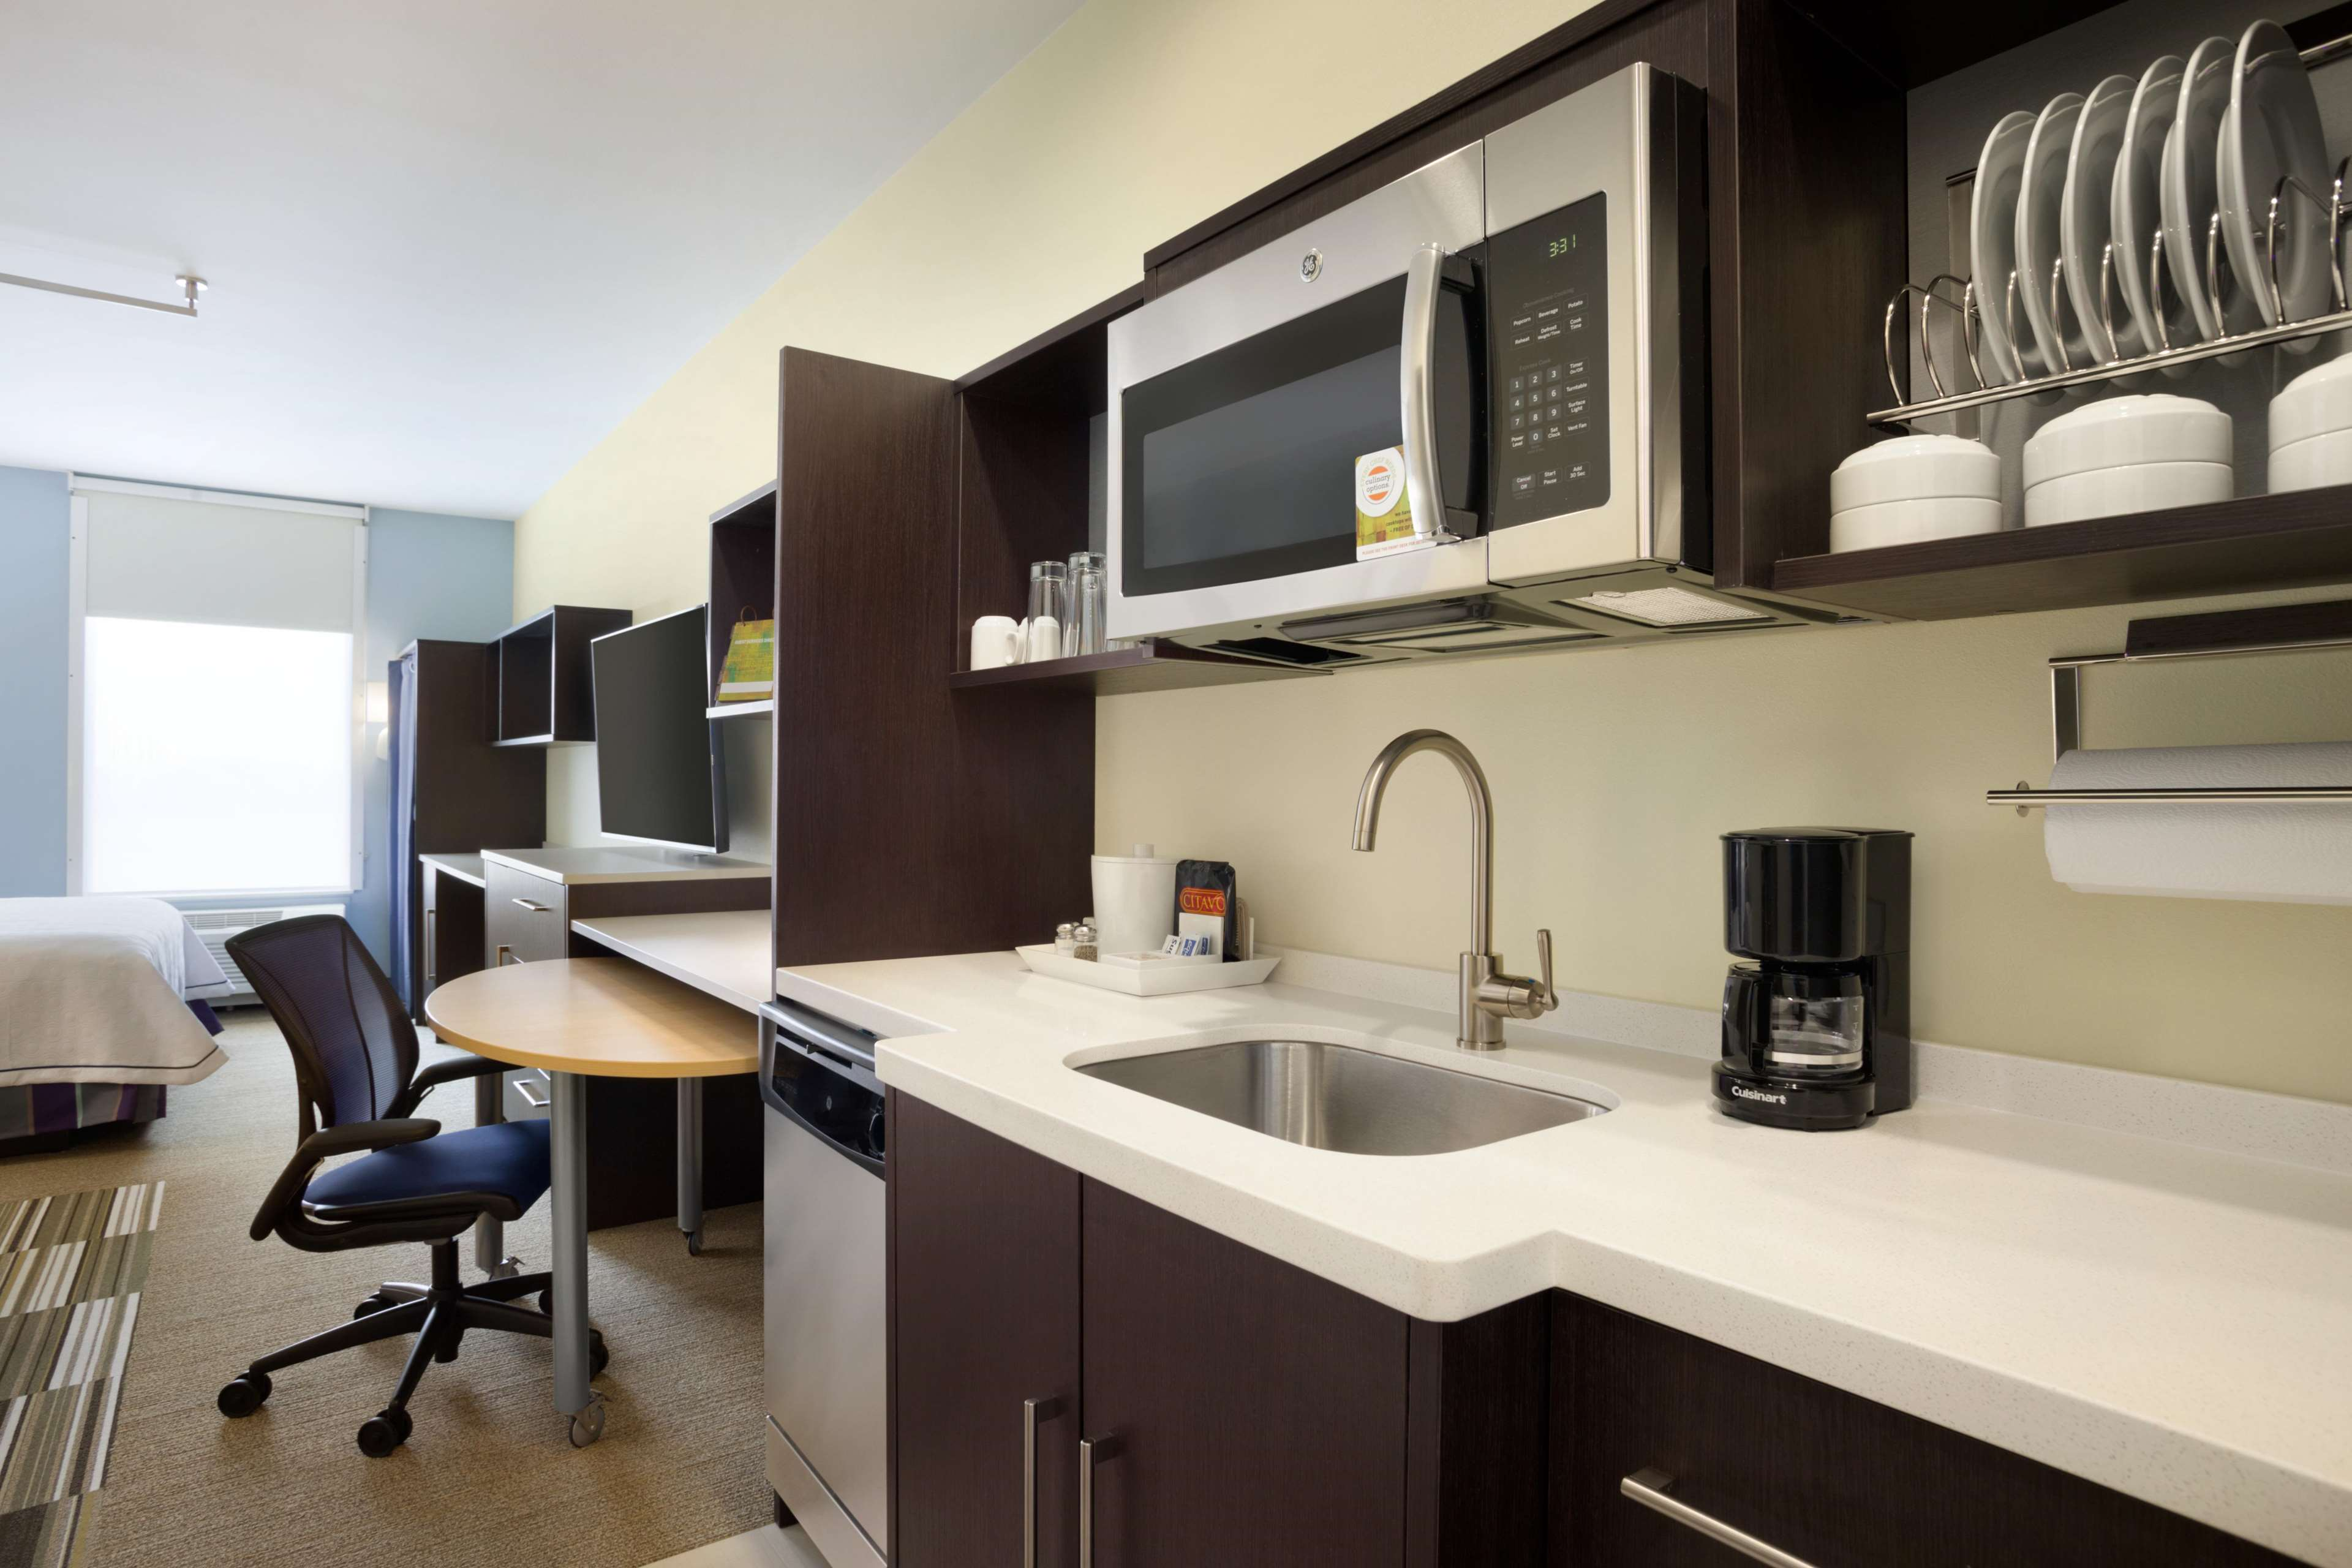 Home2 Suites by Hilton McAllen image 30